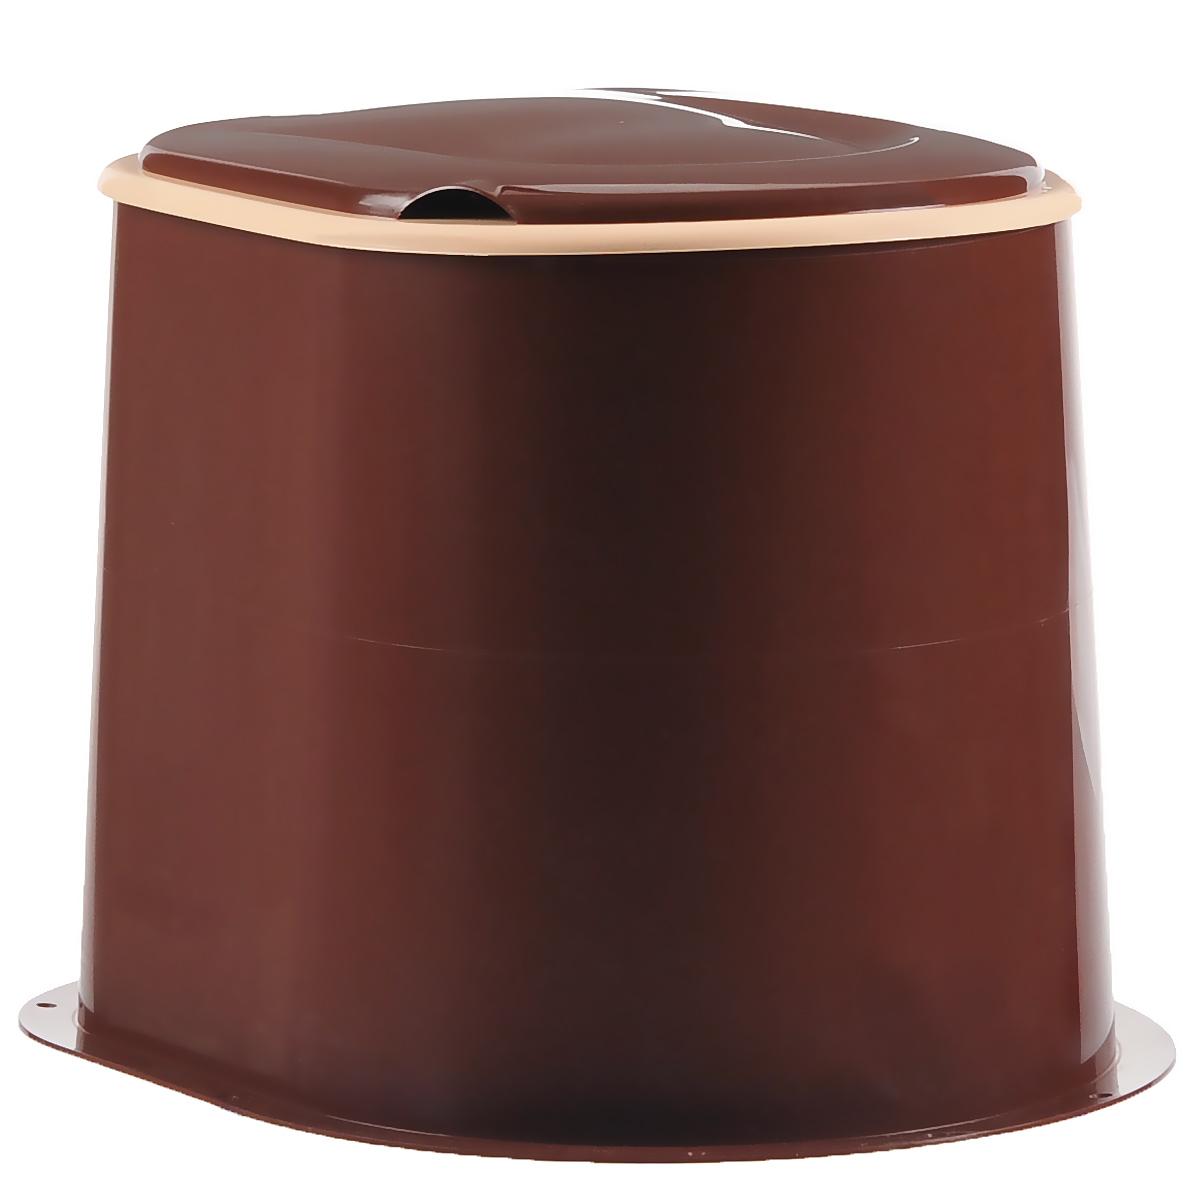 Туалет дачный Альтернатива, цвет: коричневый. М1295M1295_коричневыйДачный туалет Альтернатива выполнен из пластика и предназначен для монтажа на яму. Удобен в использовании на дачном участке. Оснащен съемным сиденьем с крышкой. В комплекте: - стойка, - сиденье с крышкой, - 8 саморезов. Размер (без сиденья): 47 см х 41 см х 36 см. Размер сиденья (с крышкой): 40 см х 34 см х 6,5 см.